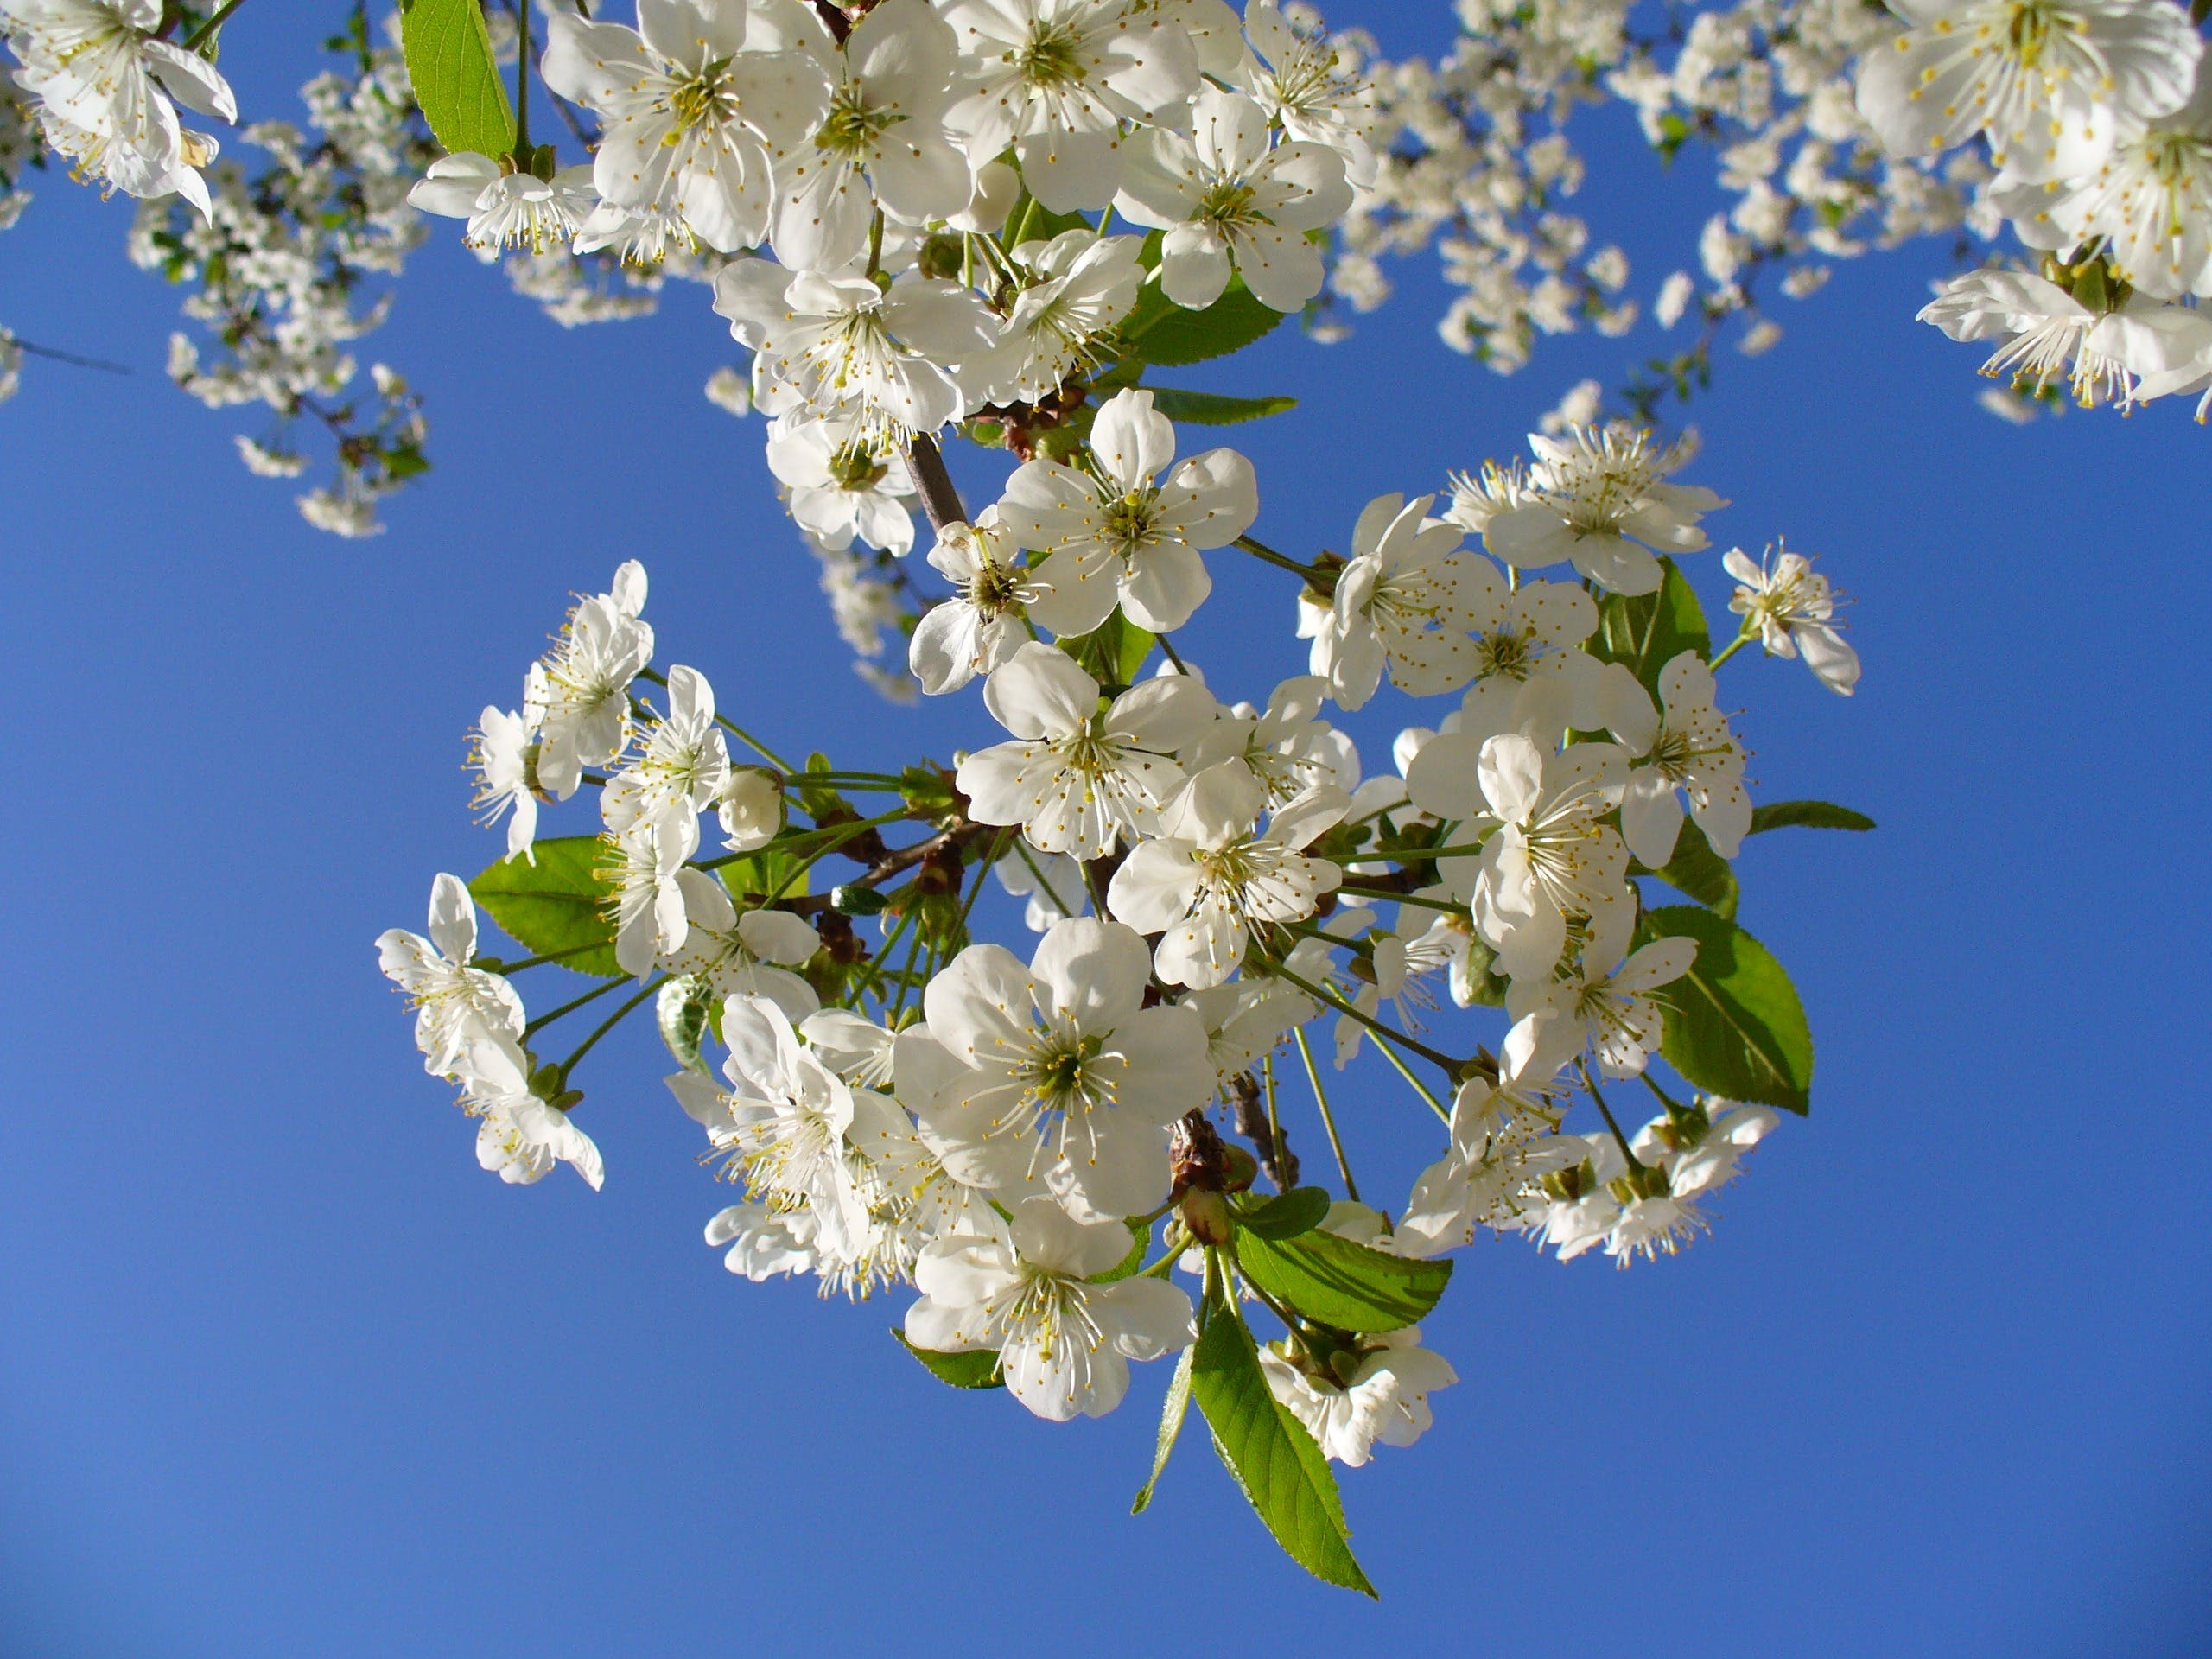 フラワーズ, フローラ, 咲く, 工場の